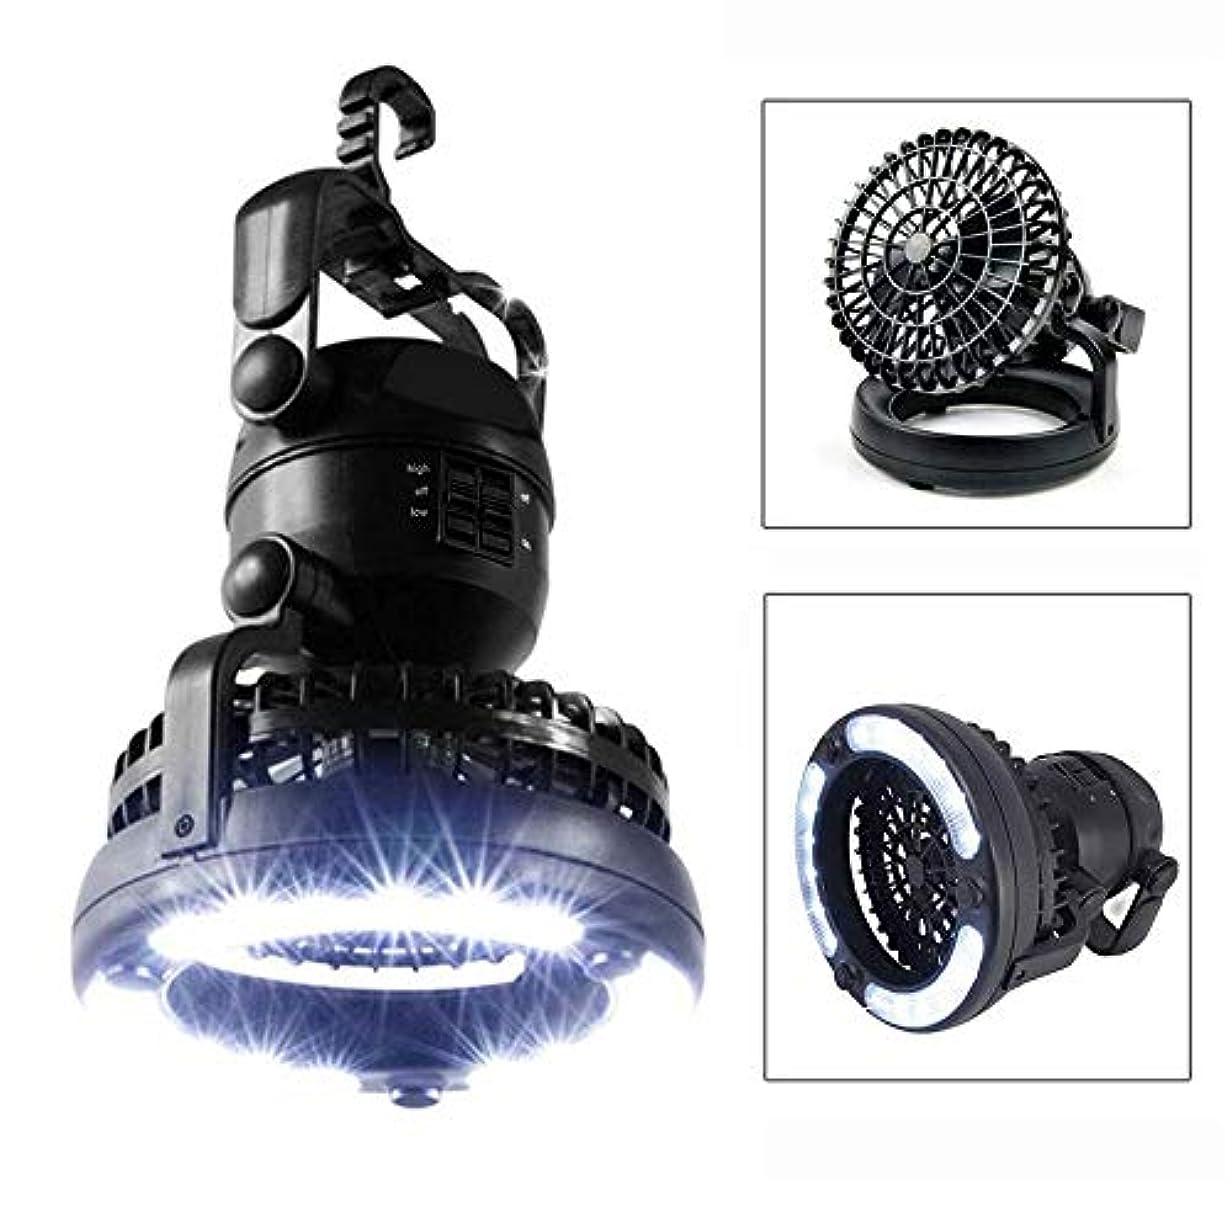 義務倫理的裁定LEDキャンプランプ、LED懐中電灯の天井ファンが付いている1つの携帯用ランタン360回転停電のための防水防風電池式の非常灯ハイキング、緊急グリル